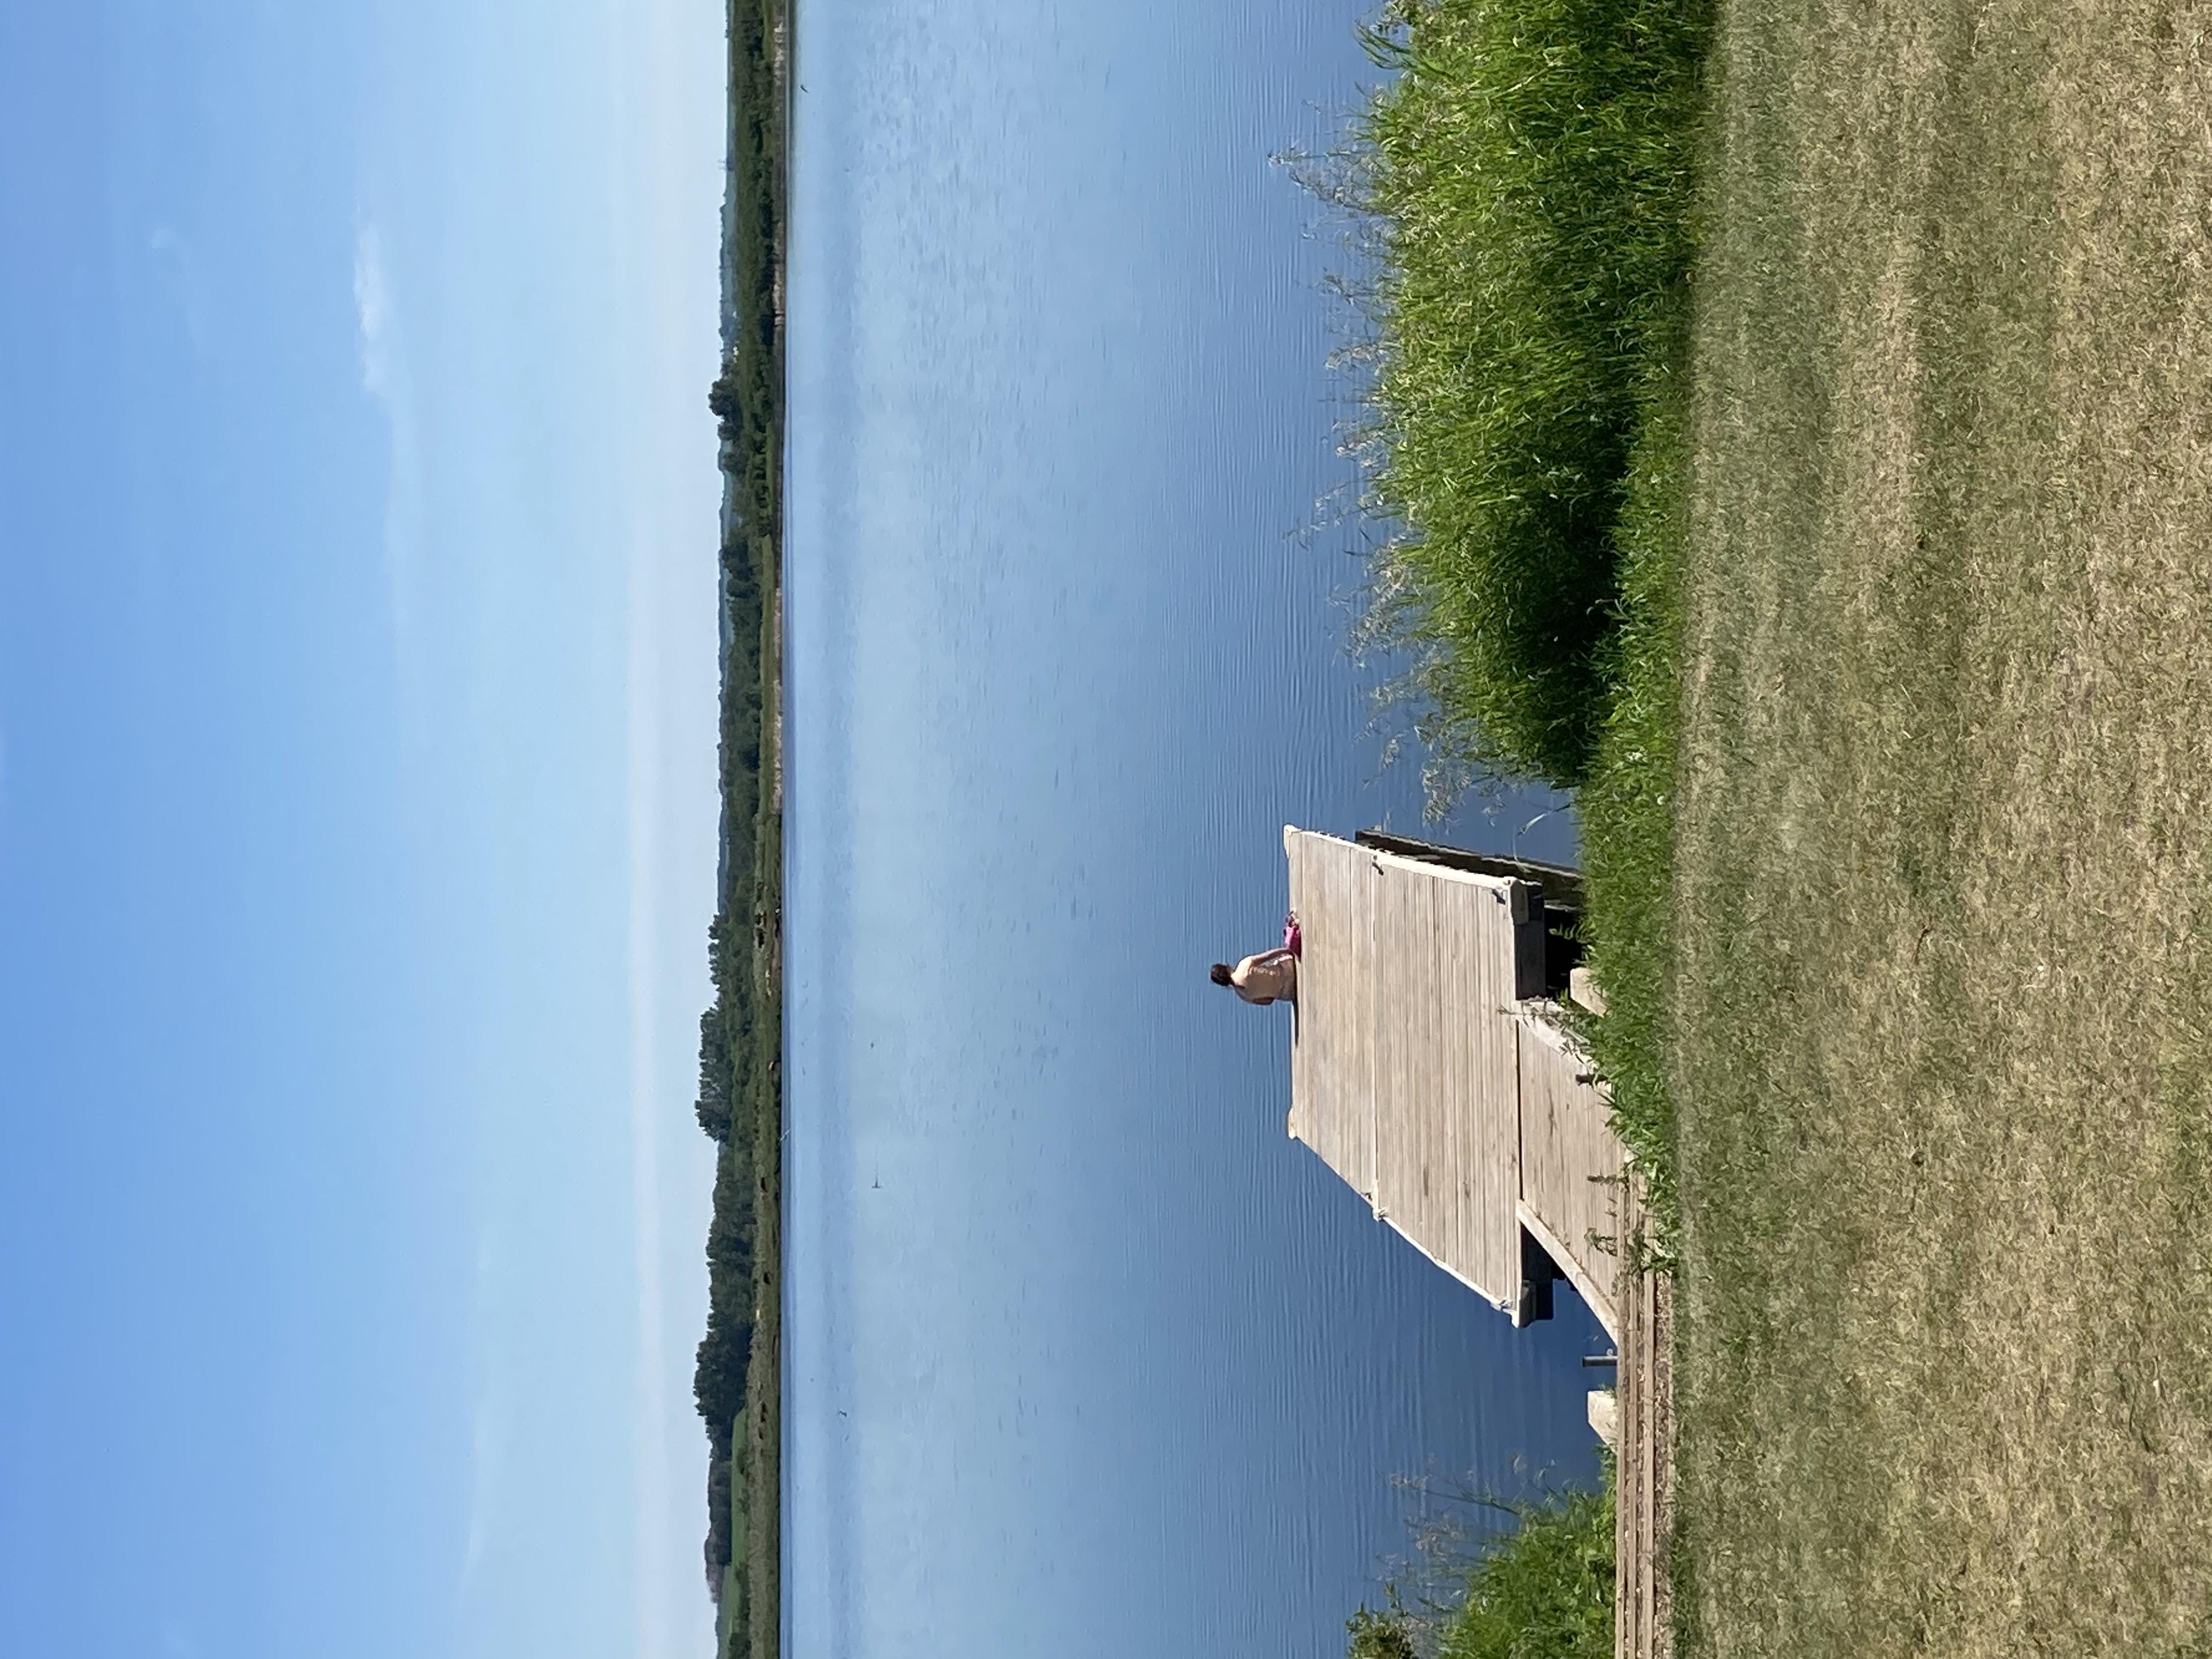 Sedgewick Lake Park